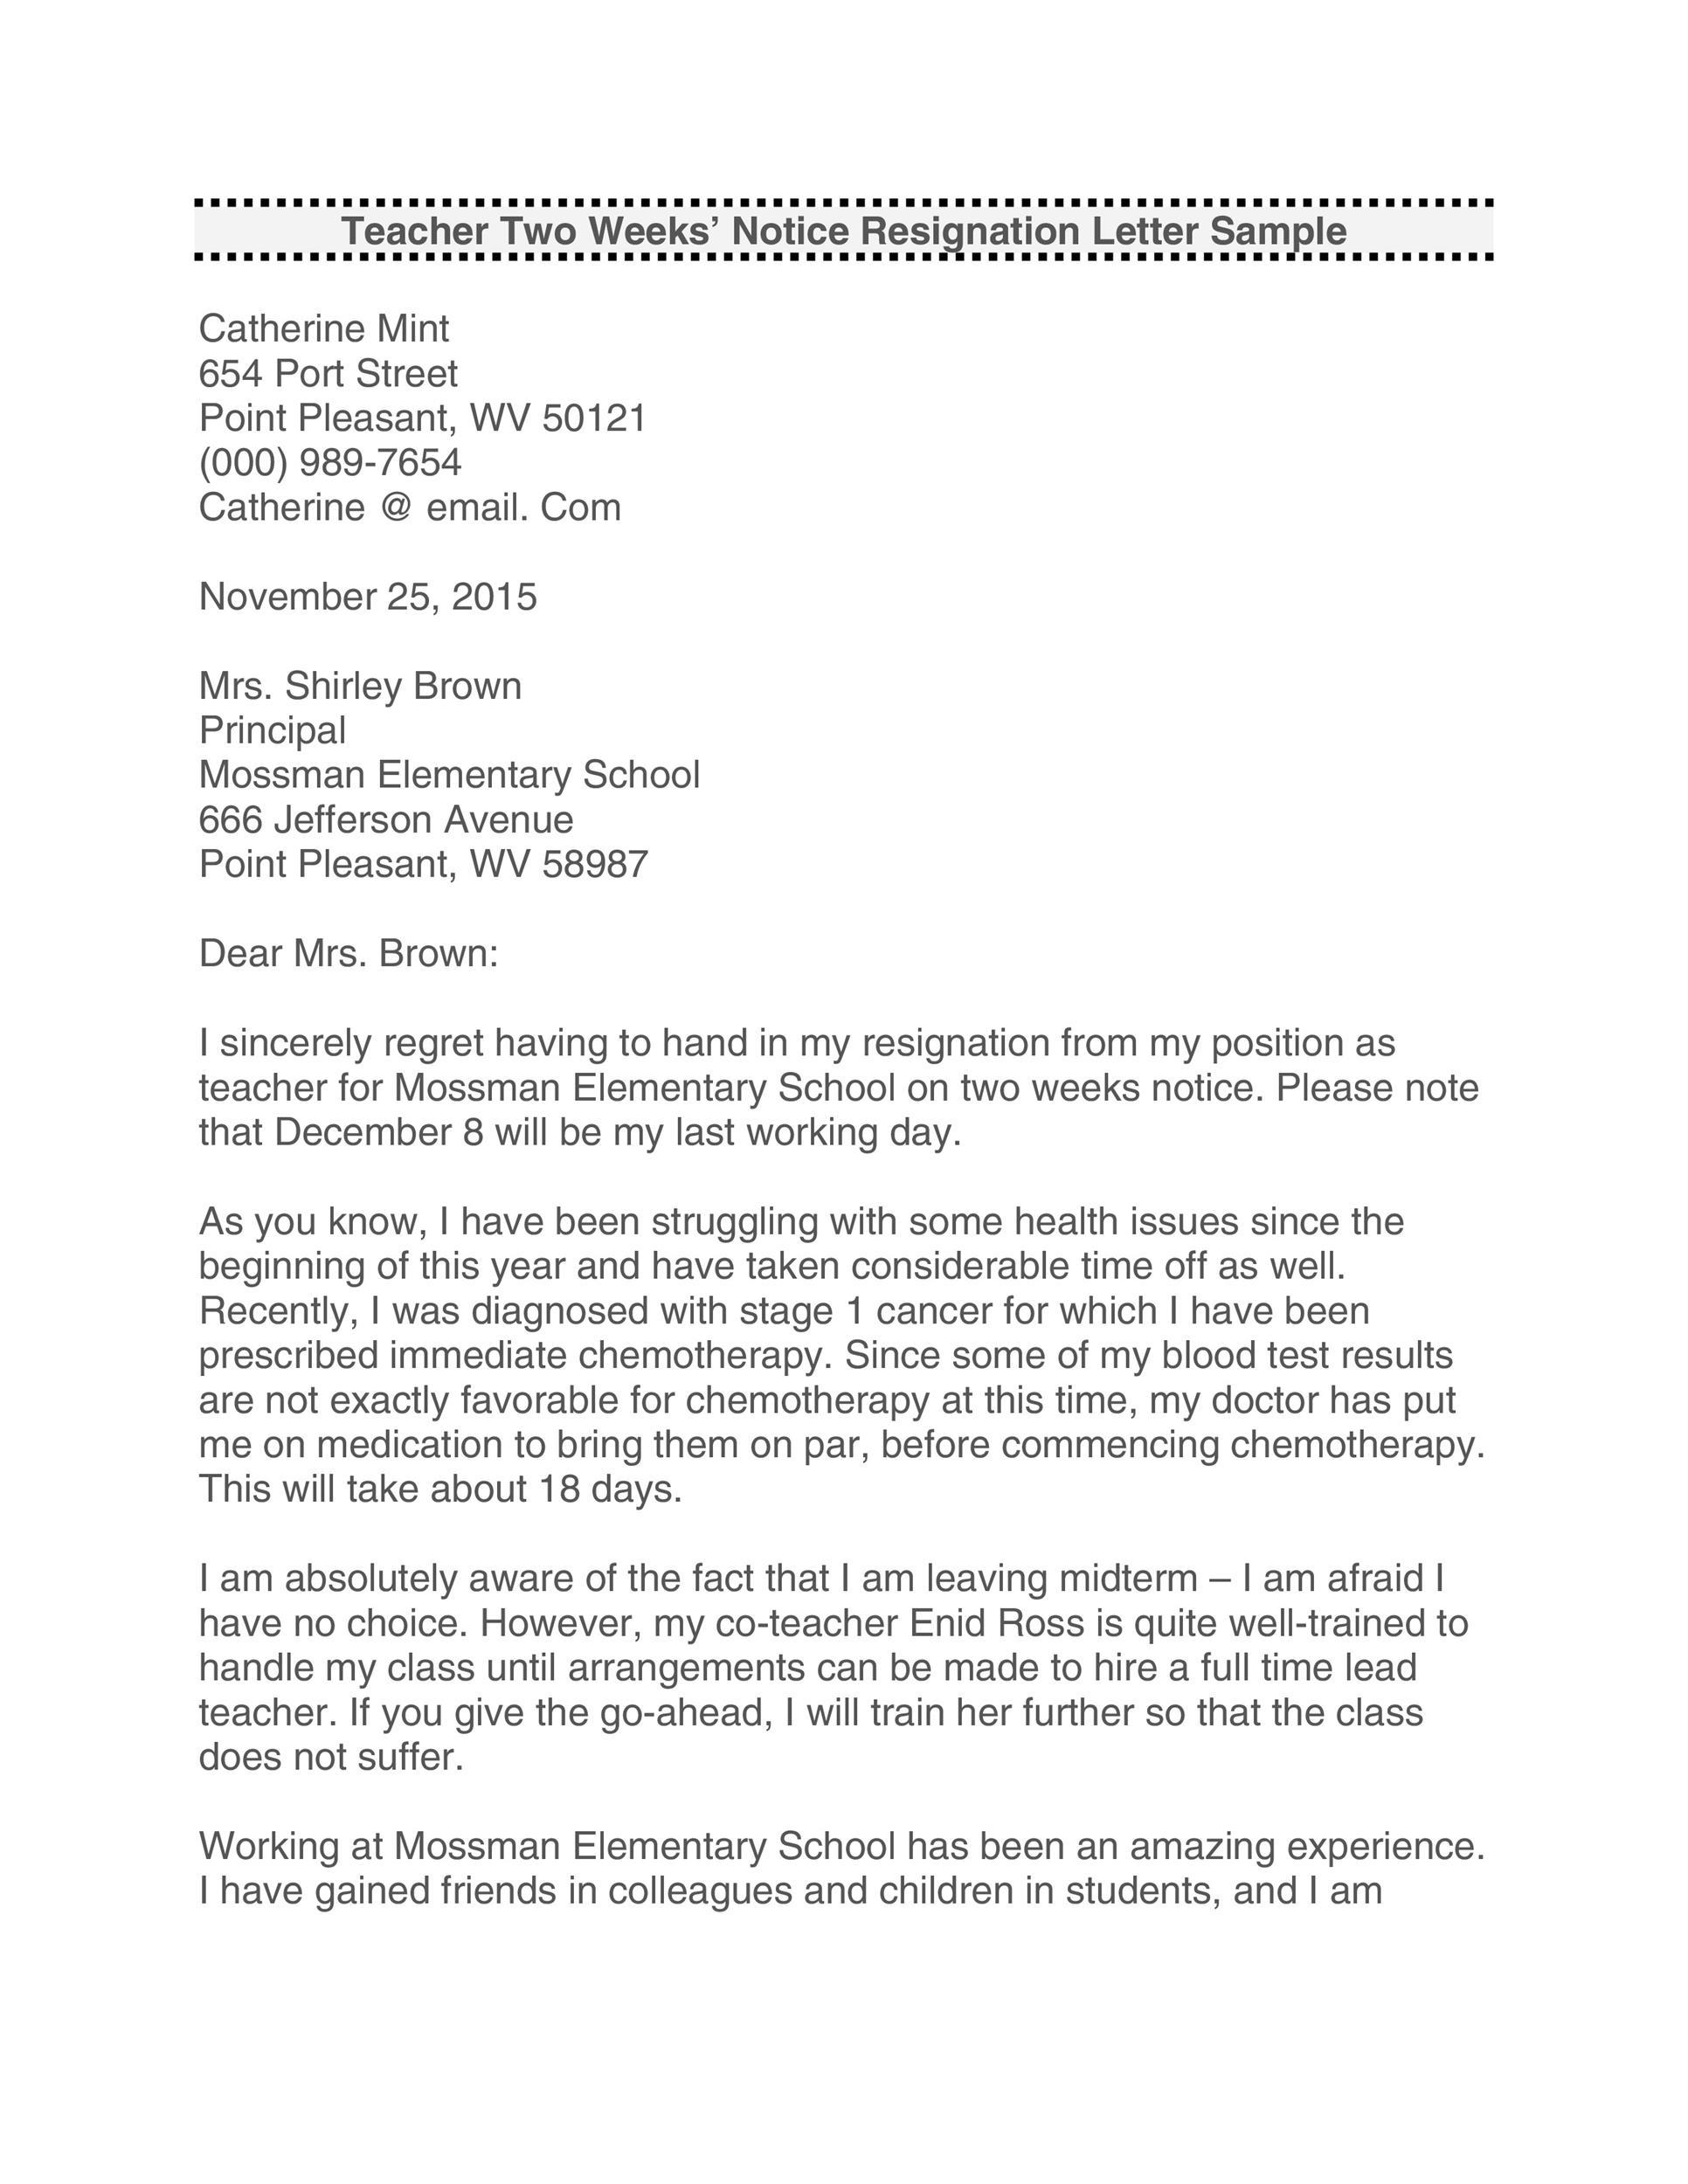 Free teacher resignation letter 23